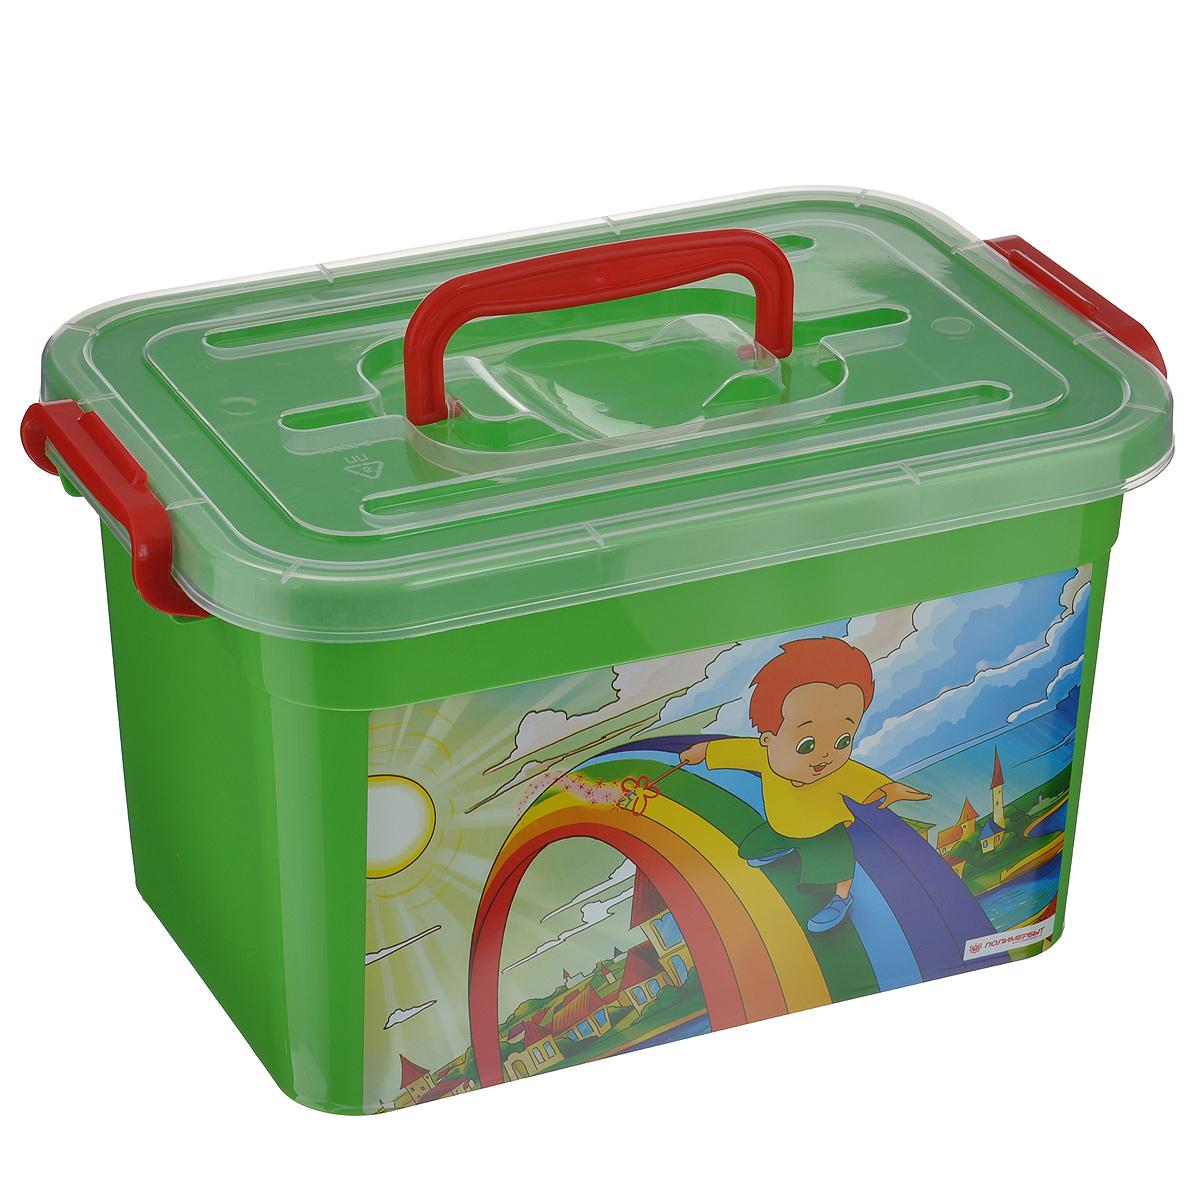 Ящик для игрушек Полимербыт Радуга, цвет: салатовый, 6,5 л ящик для лабутенов